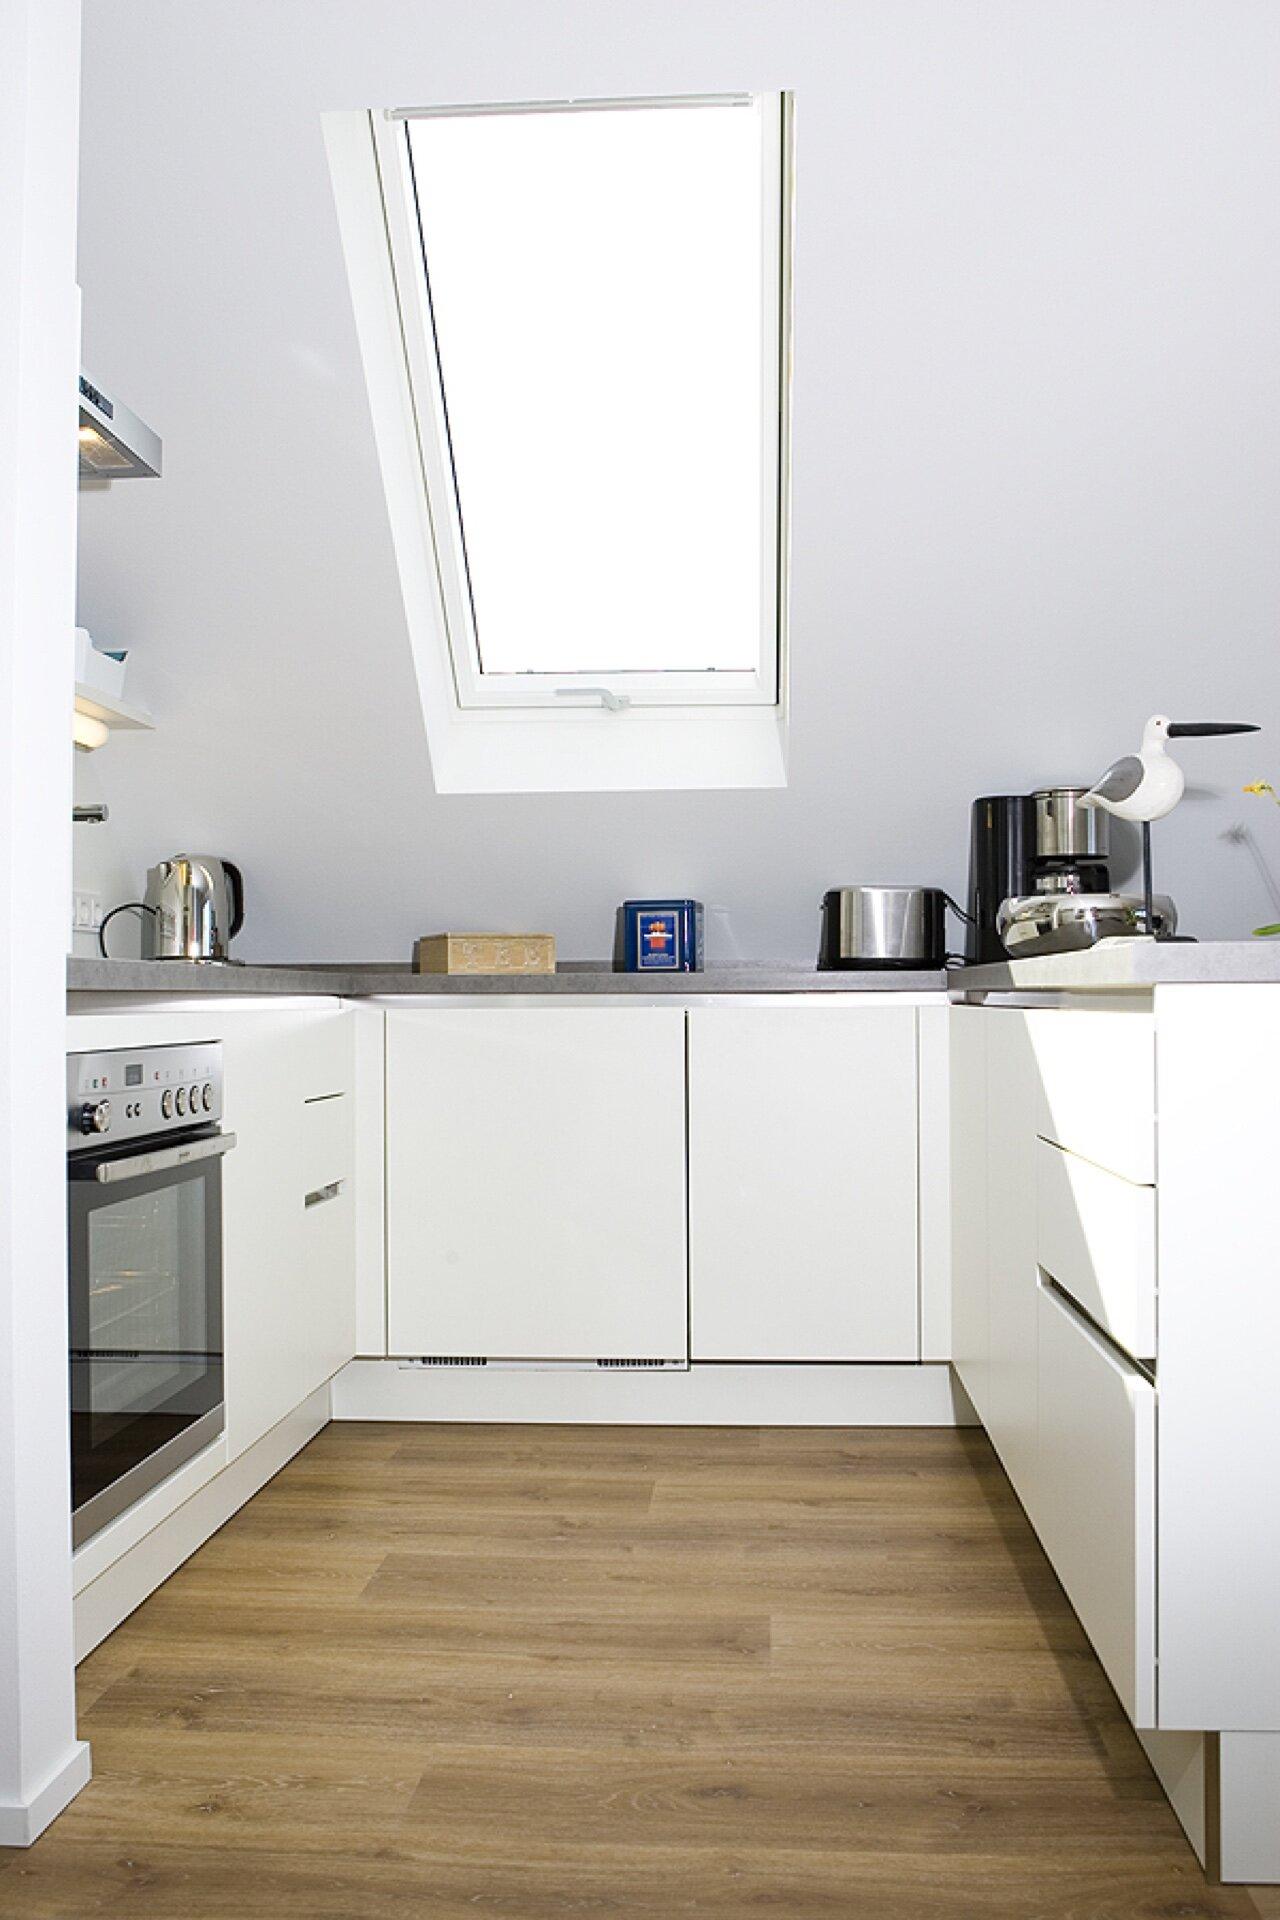 Küchenbereich und Essplatz - ARNGAST -